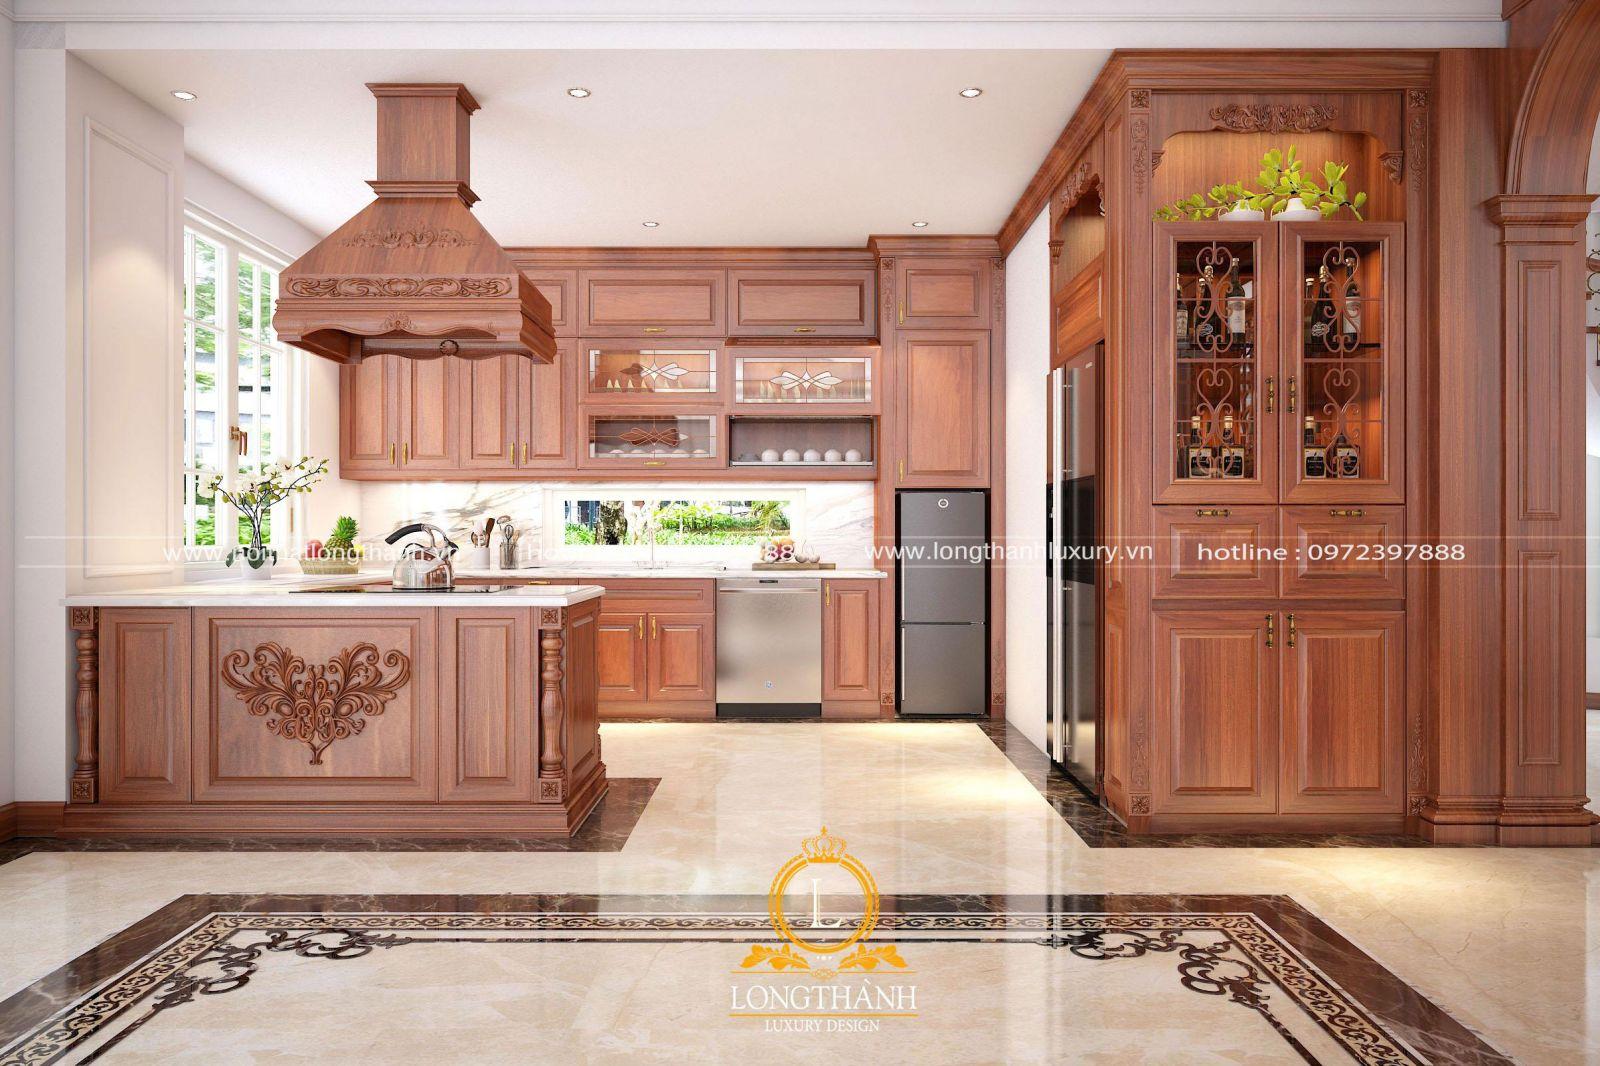 Tủ bếp đẹp được thiết kê độc đáo